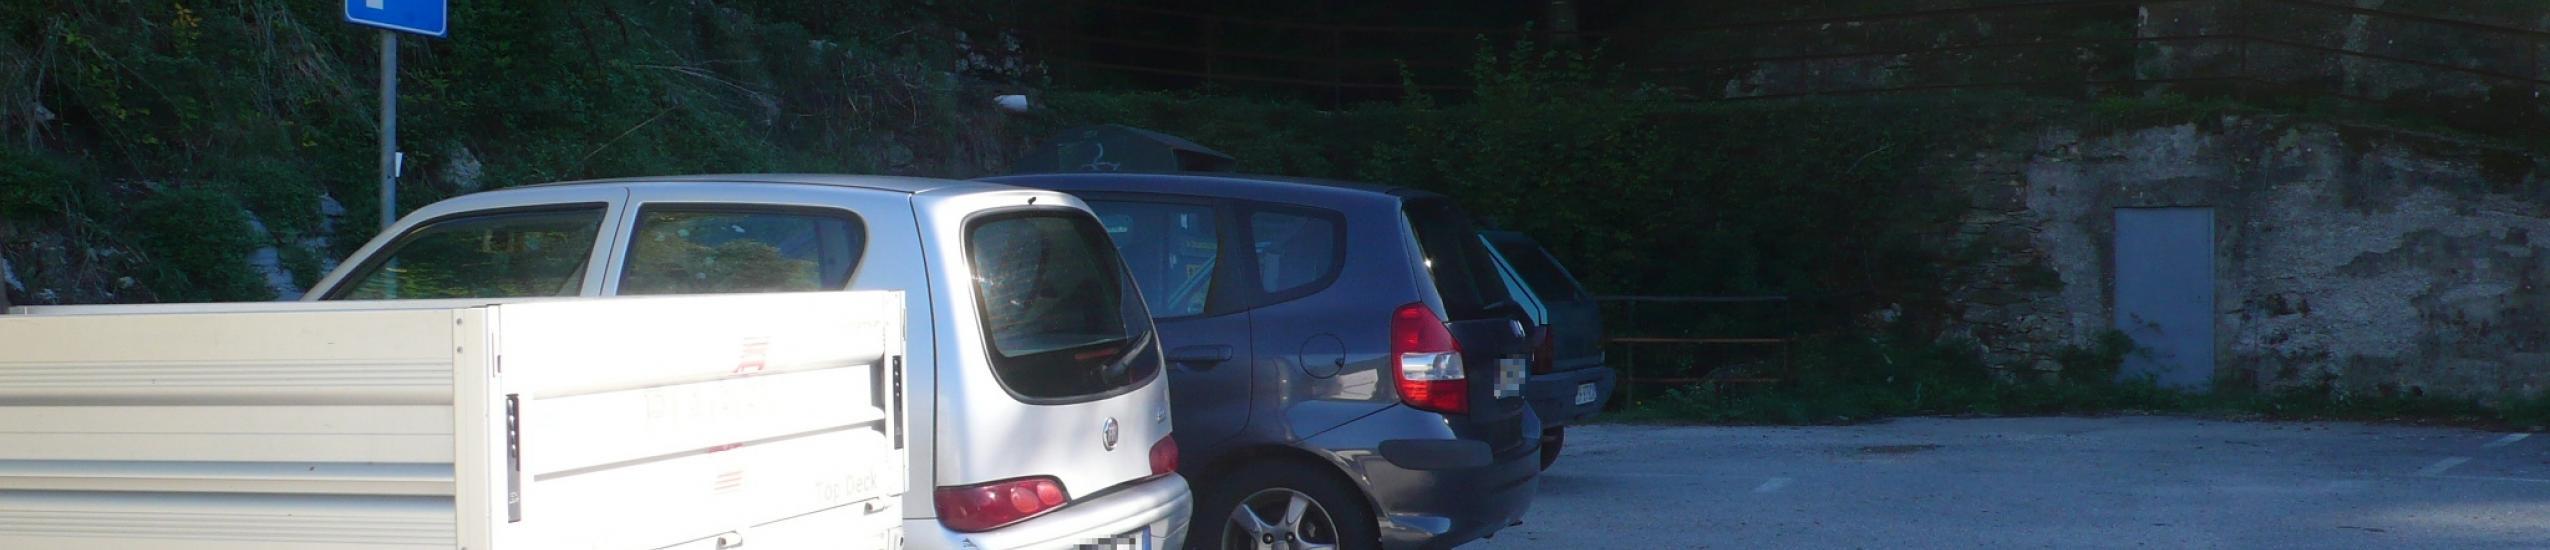 Parcheggio (0)